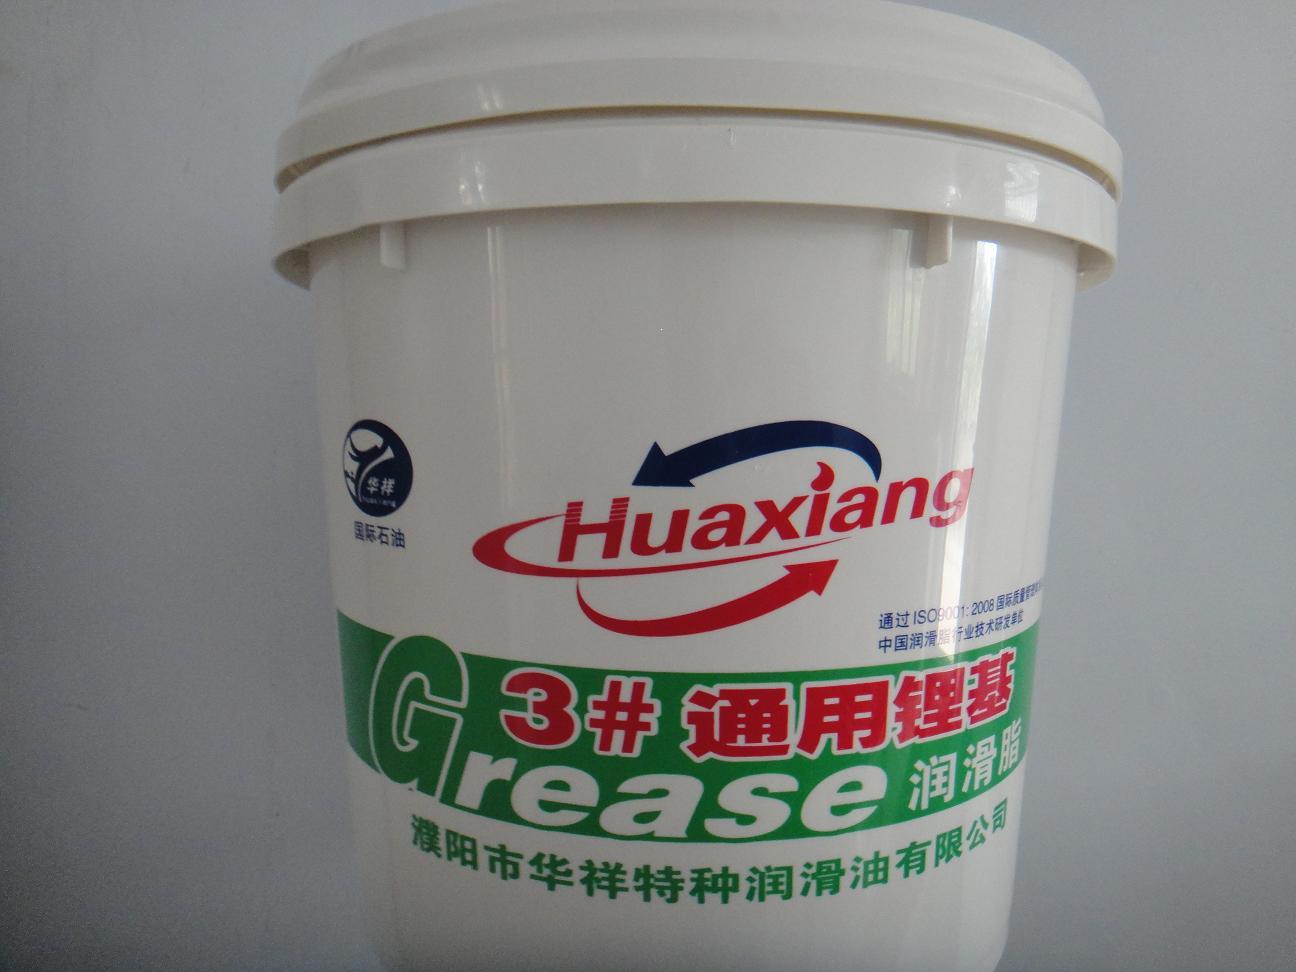 濮阳市华祥特种润滑油有限公司